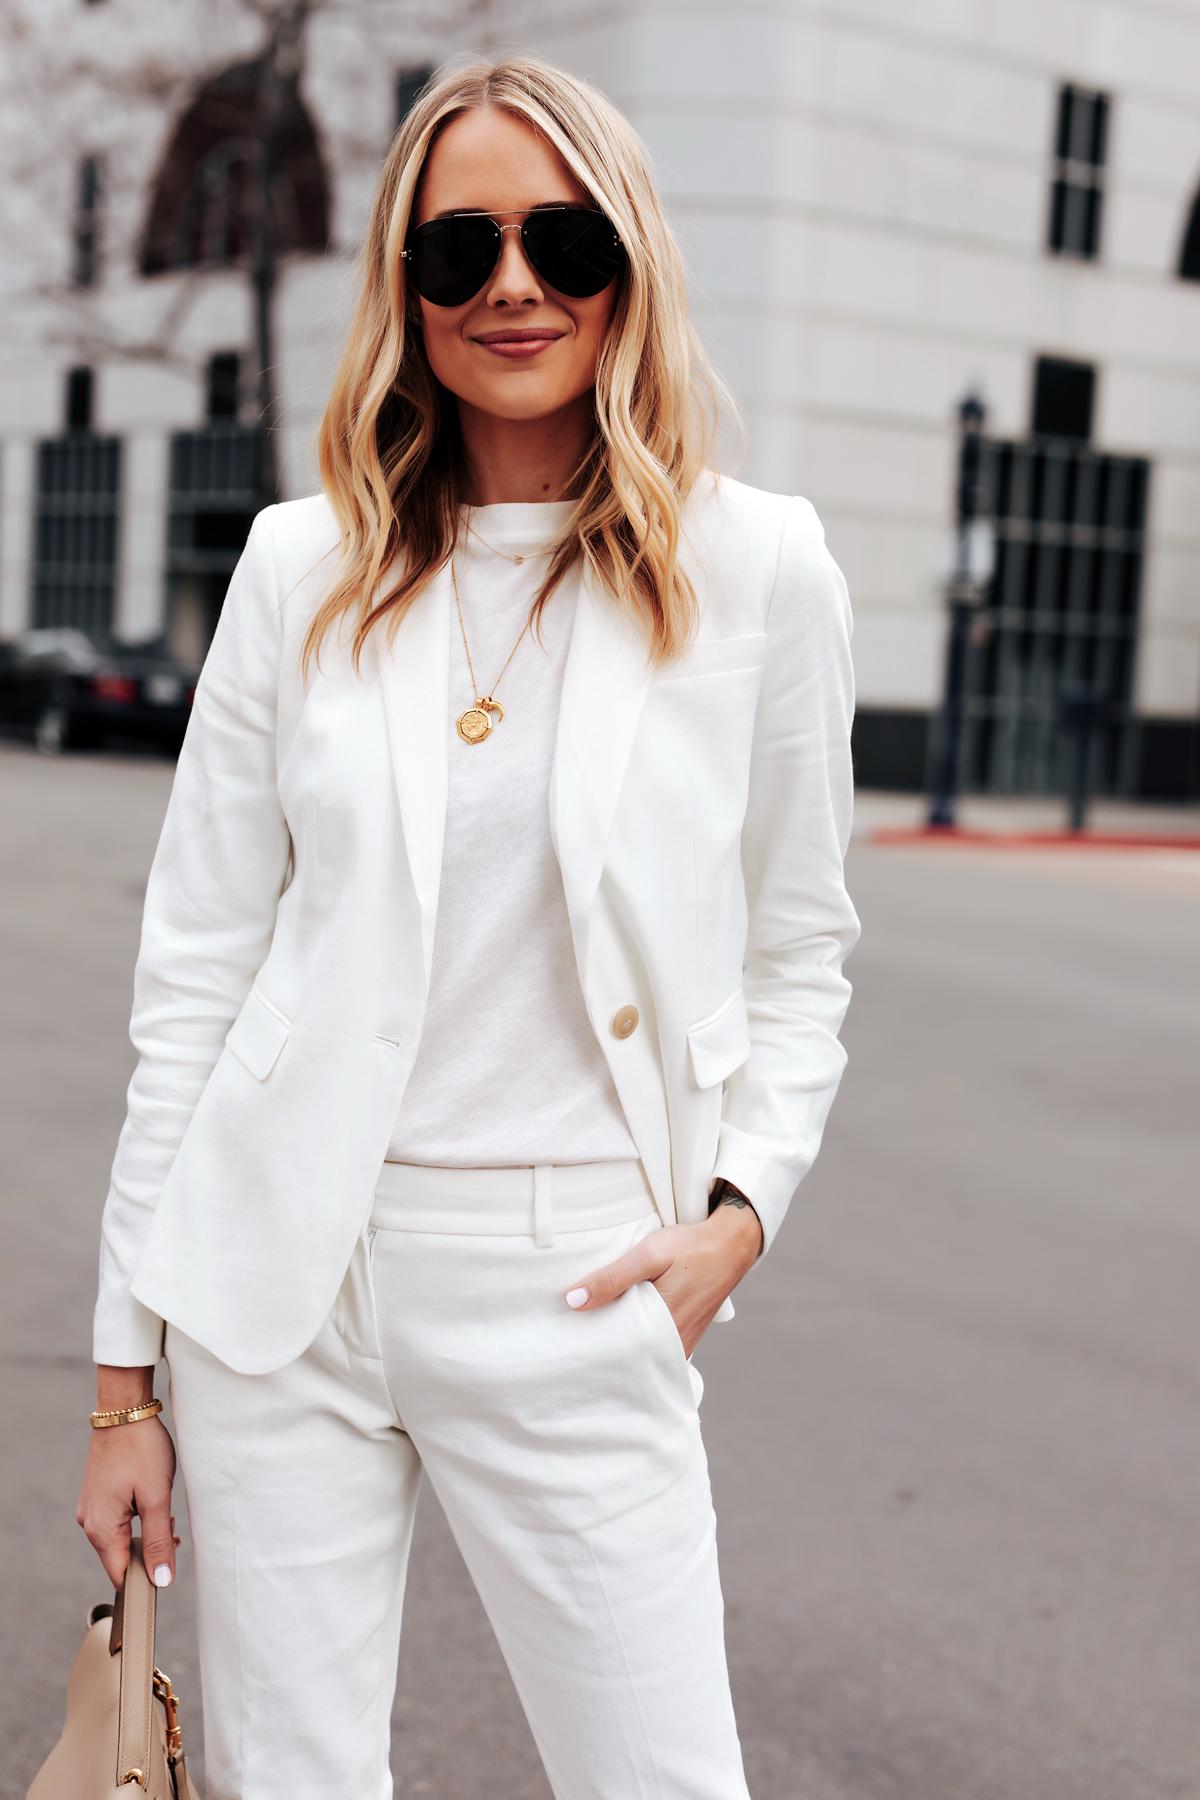 Fashion Jackson Wearing Ann Taylor White Blazer White Tshirt Ann Taylor White Pants Gold Necklaces